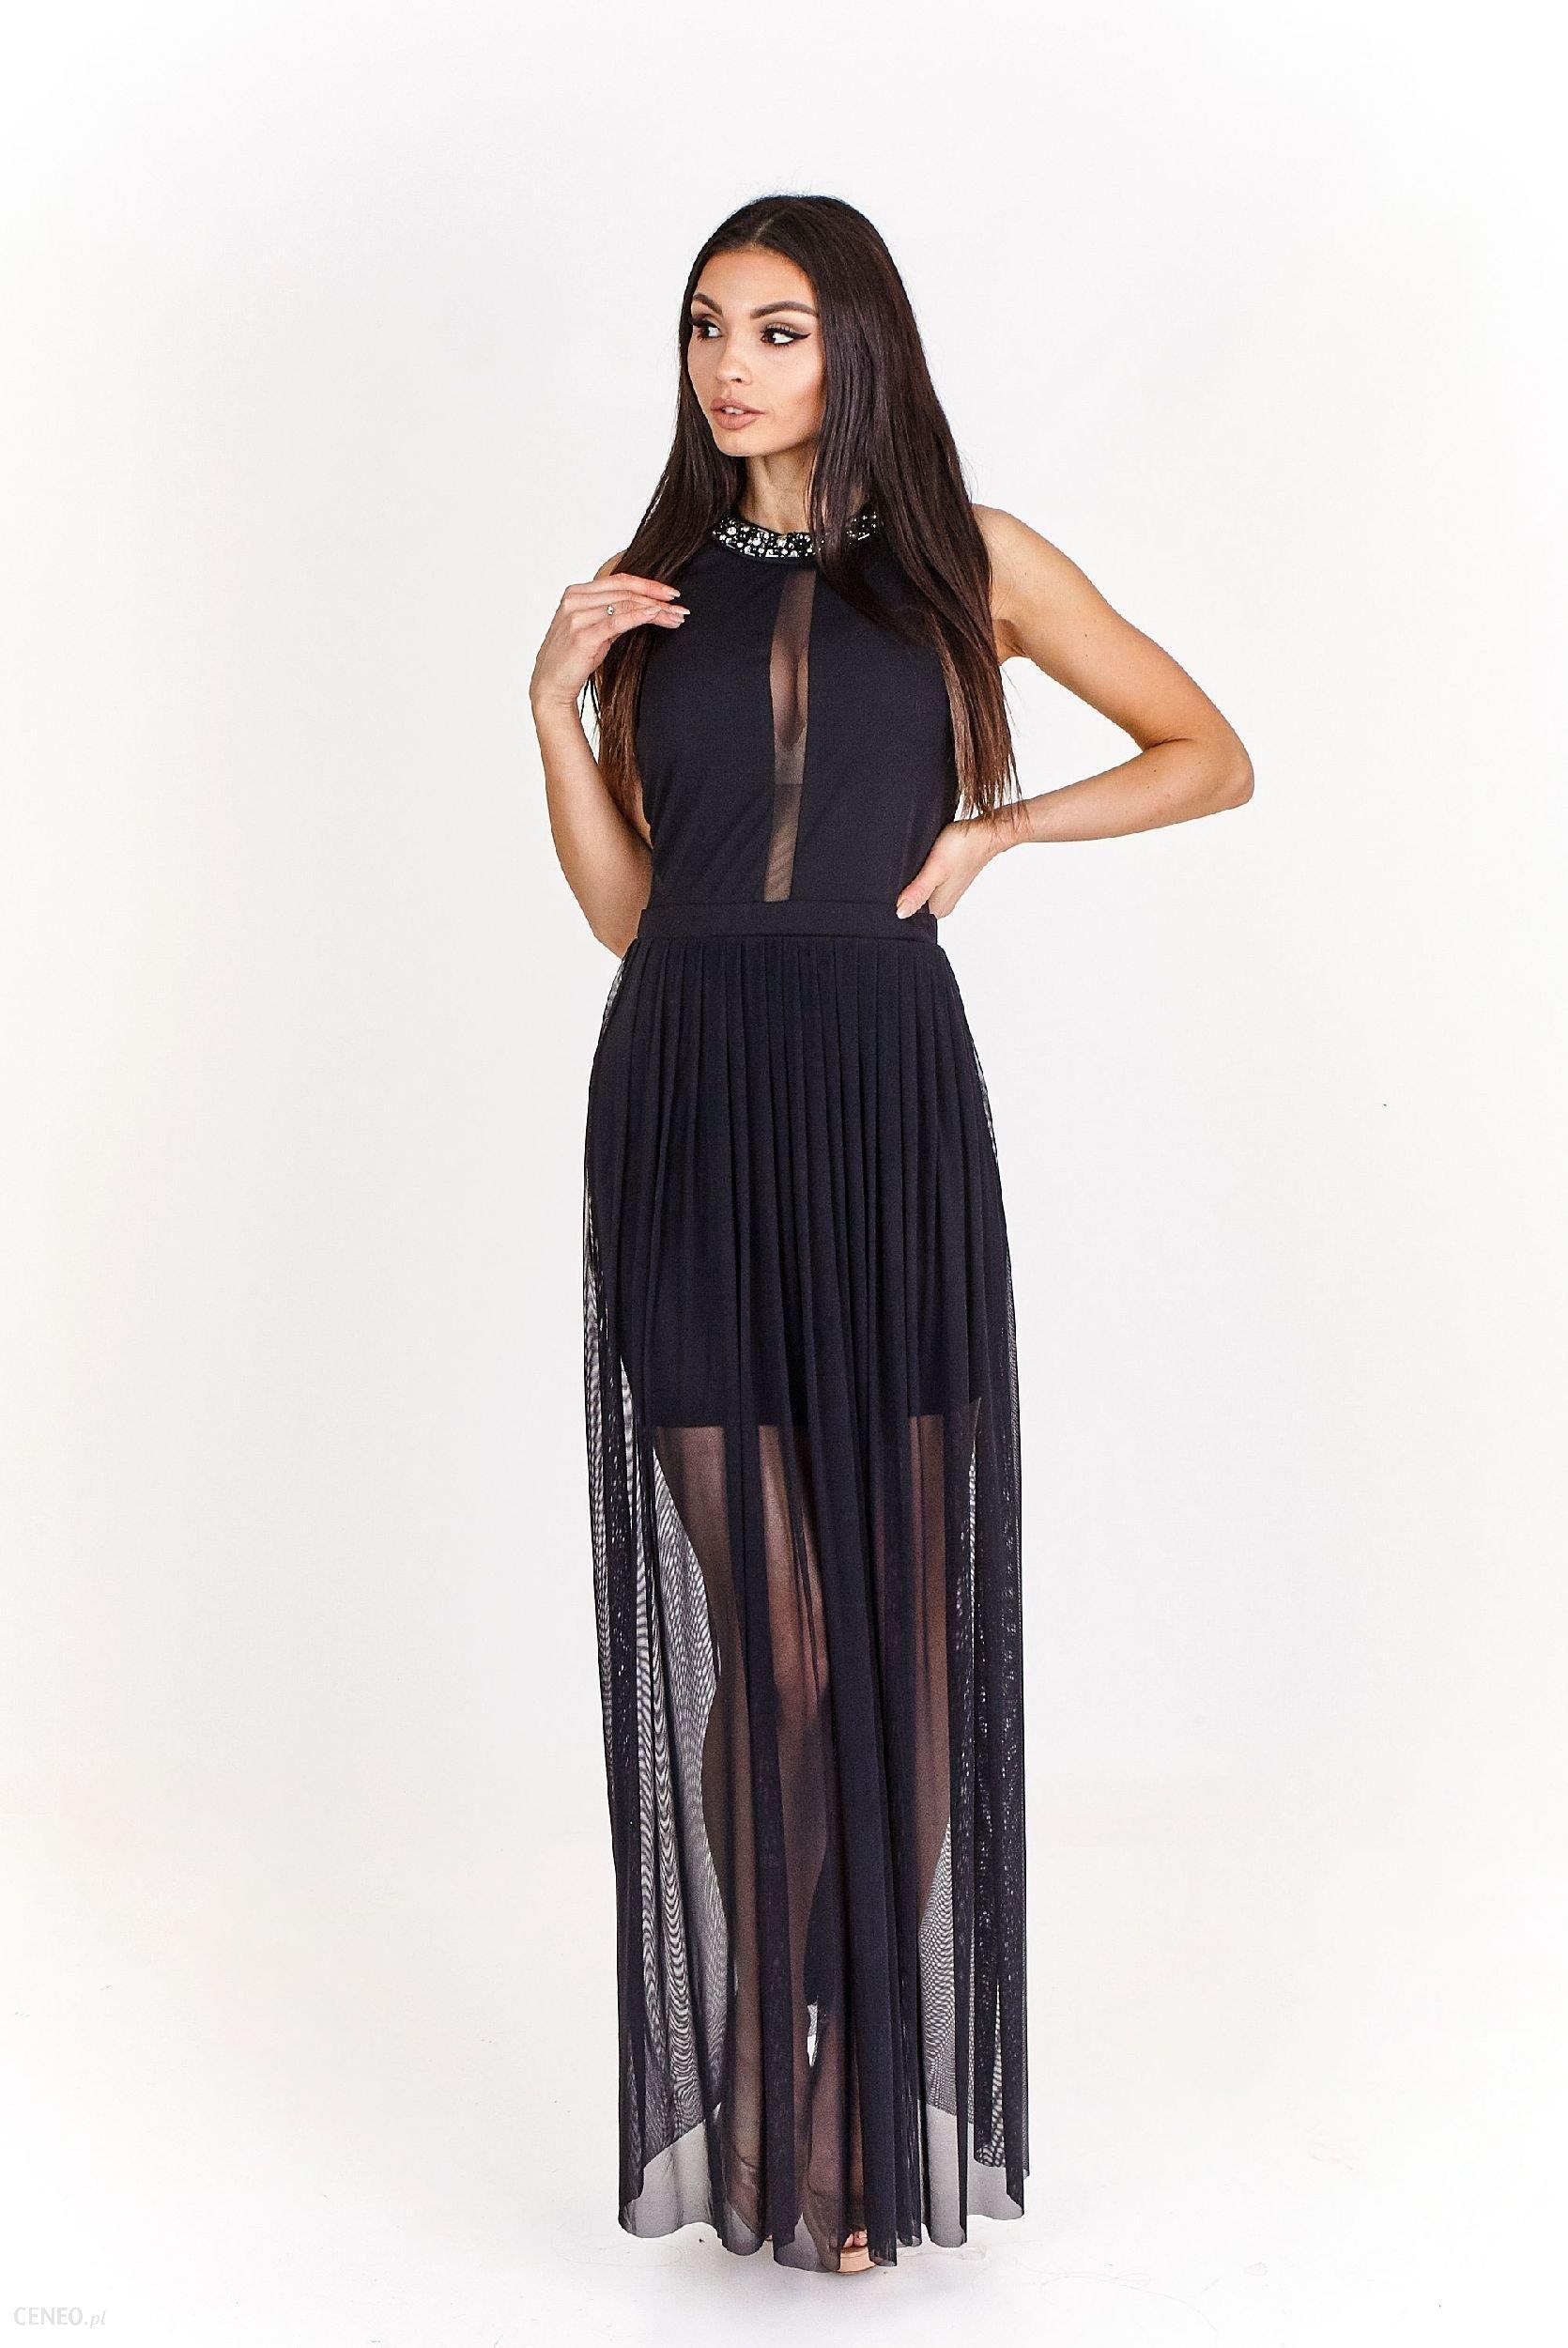 e5111a1a6afacf Ptak Moda Seksowna, dwuwarstwowa sukienka maxi M55890 czarna r. 40 -  zdjęcie 1